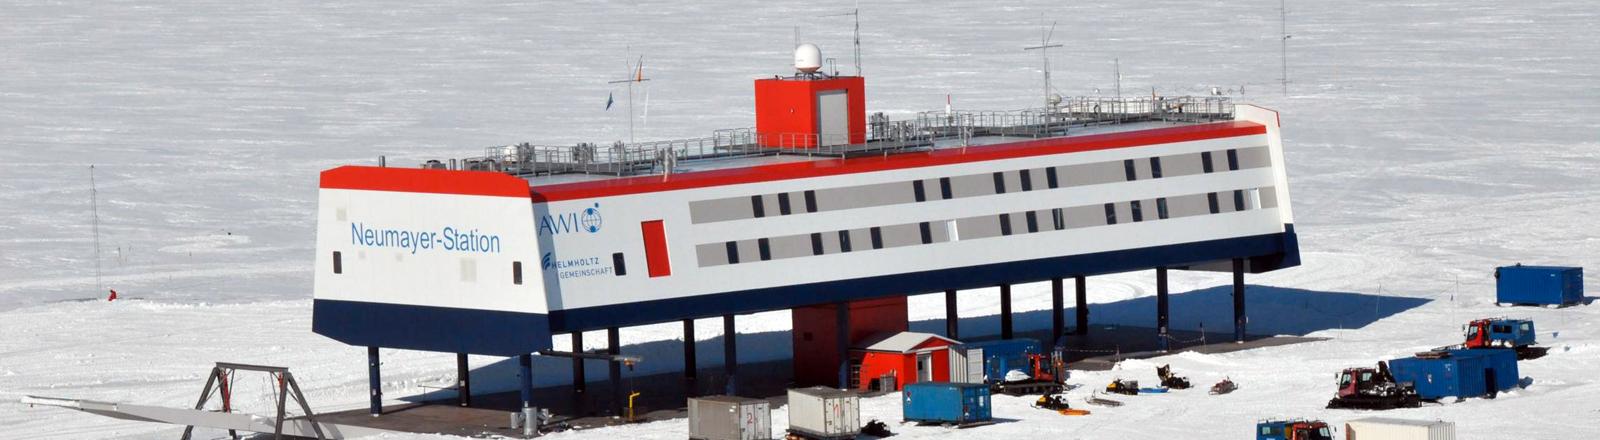 Die Neumeyer Station in der Antarktis